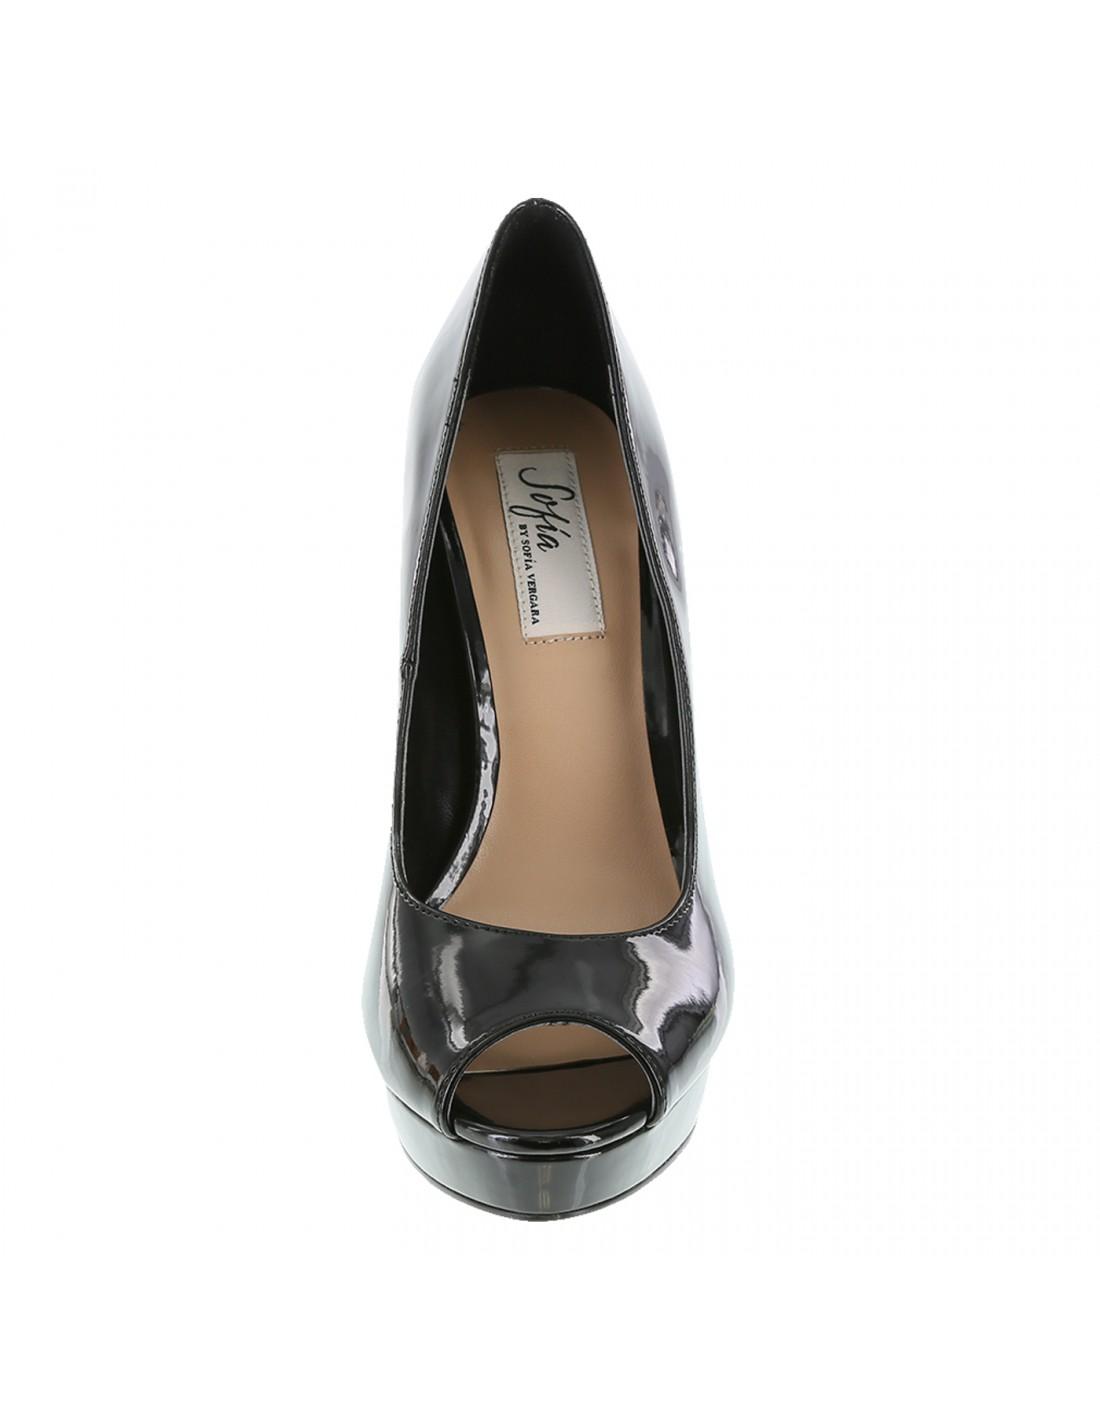 e7bb72aff75 Zapatos Sofía Vergara Peep Toe Plataforma - Negro. ¡En oferta! Previous